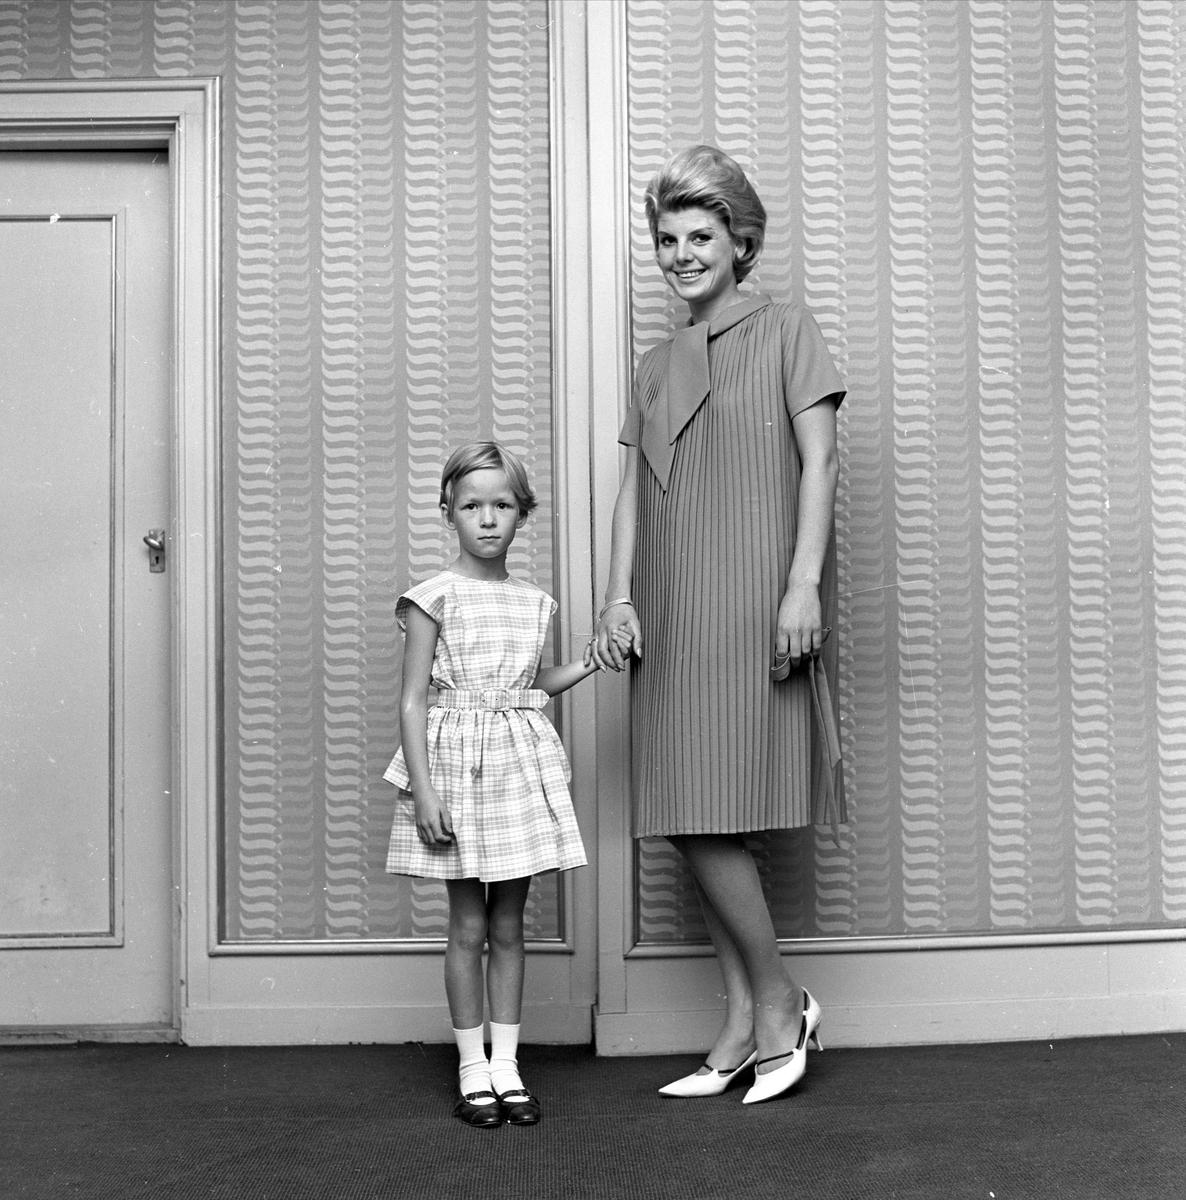 Halden, oktober 1963, Haldens Bomuldsspinneri, presentasjon i forbindelse med produksjonen.